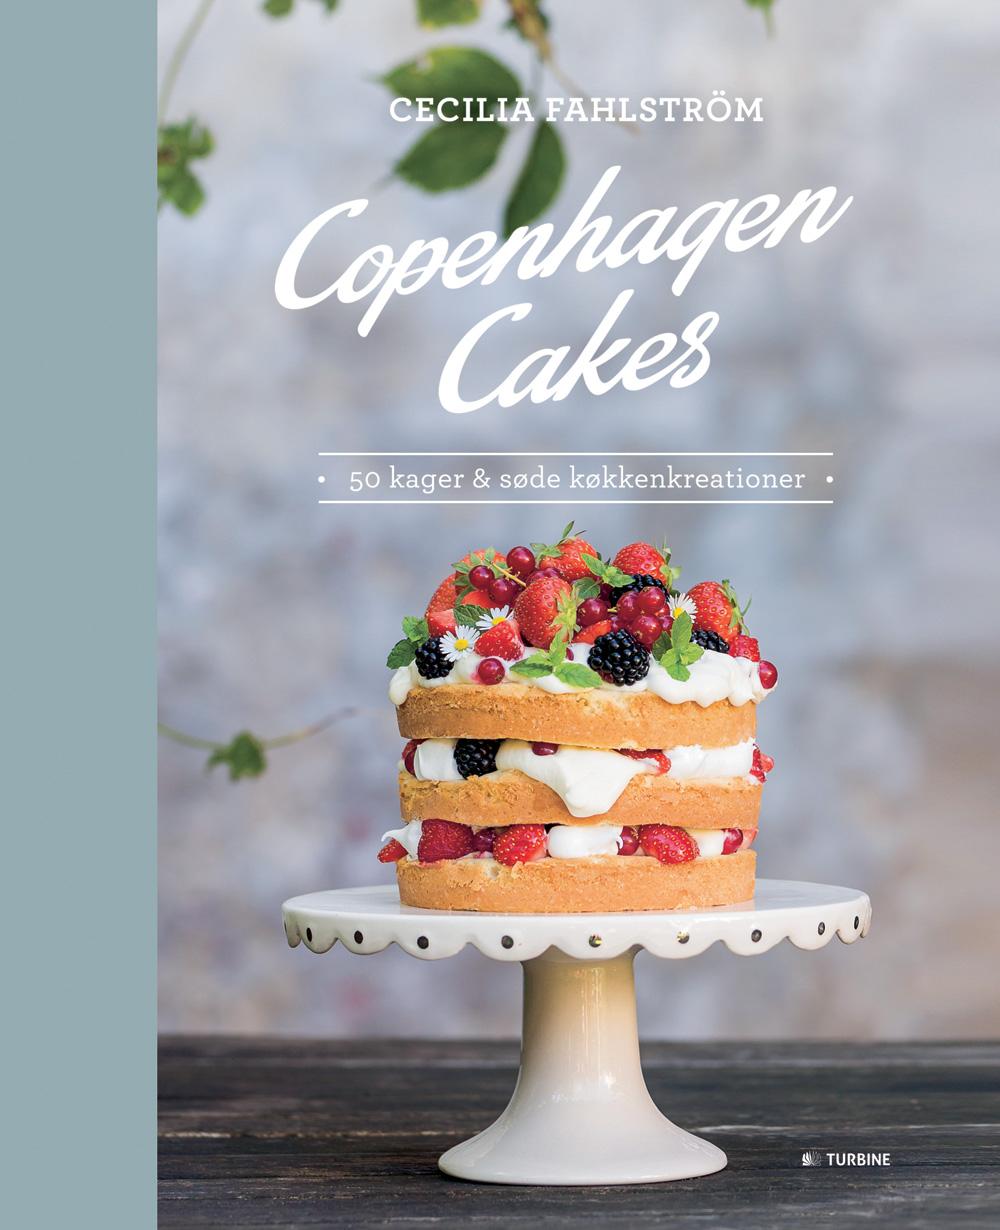 Copenhagen-Cakes-Copenhagencakes-kogebog-50-kager-og-soede-koekkenkreationer